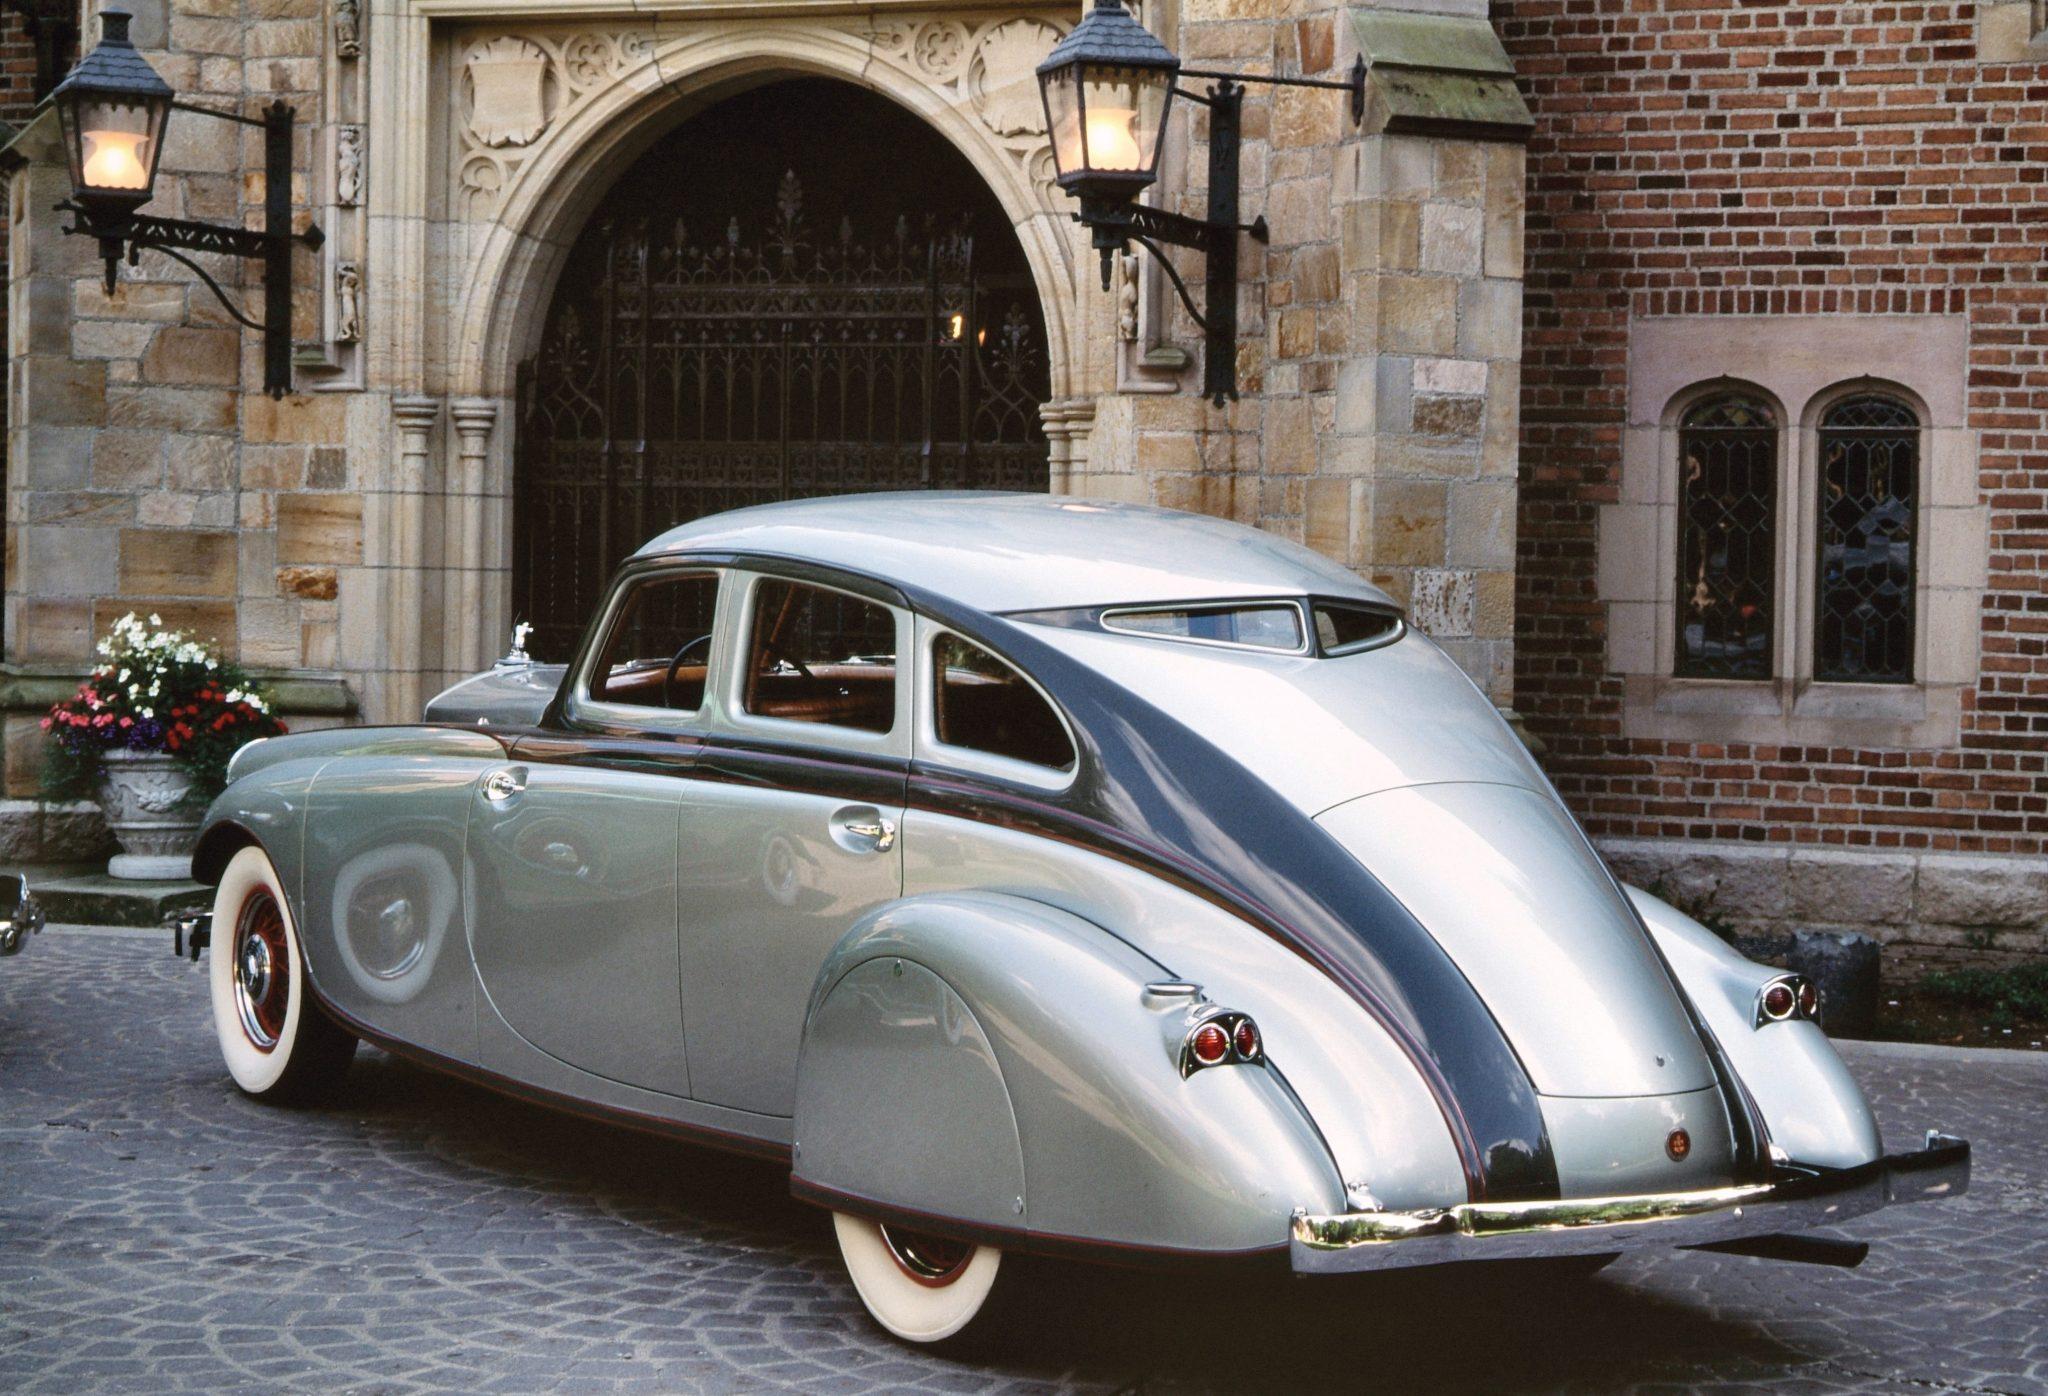 1933 Pierce-Arrow Silver Arrow Rear